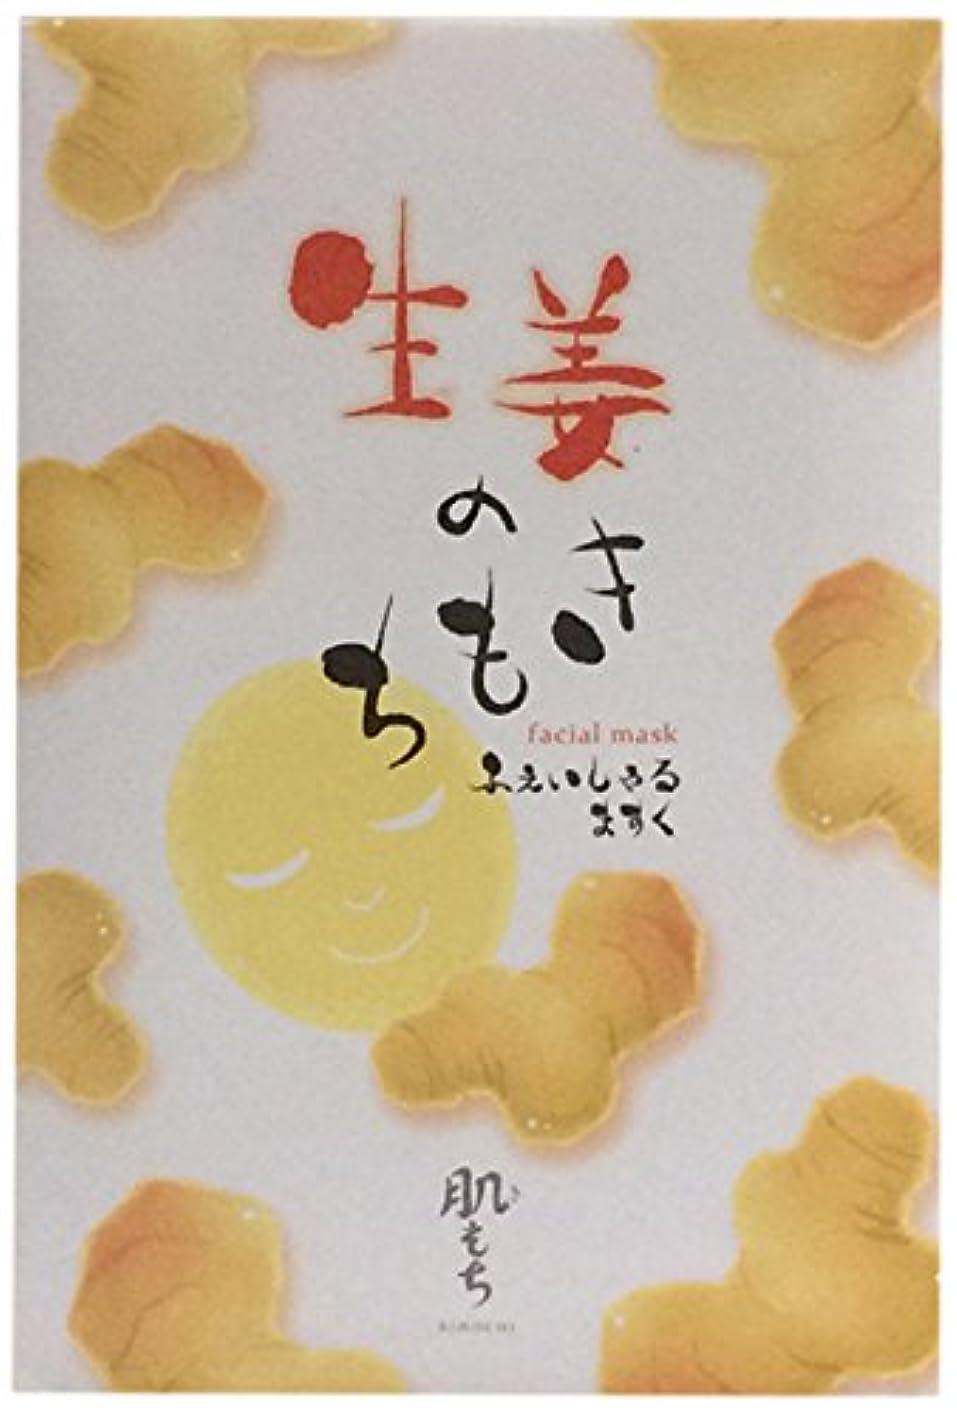 ボーナスドル歌肌もち 生姜のきもちフェイシャルマスク(美容液パック1枚20ml)